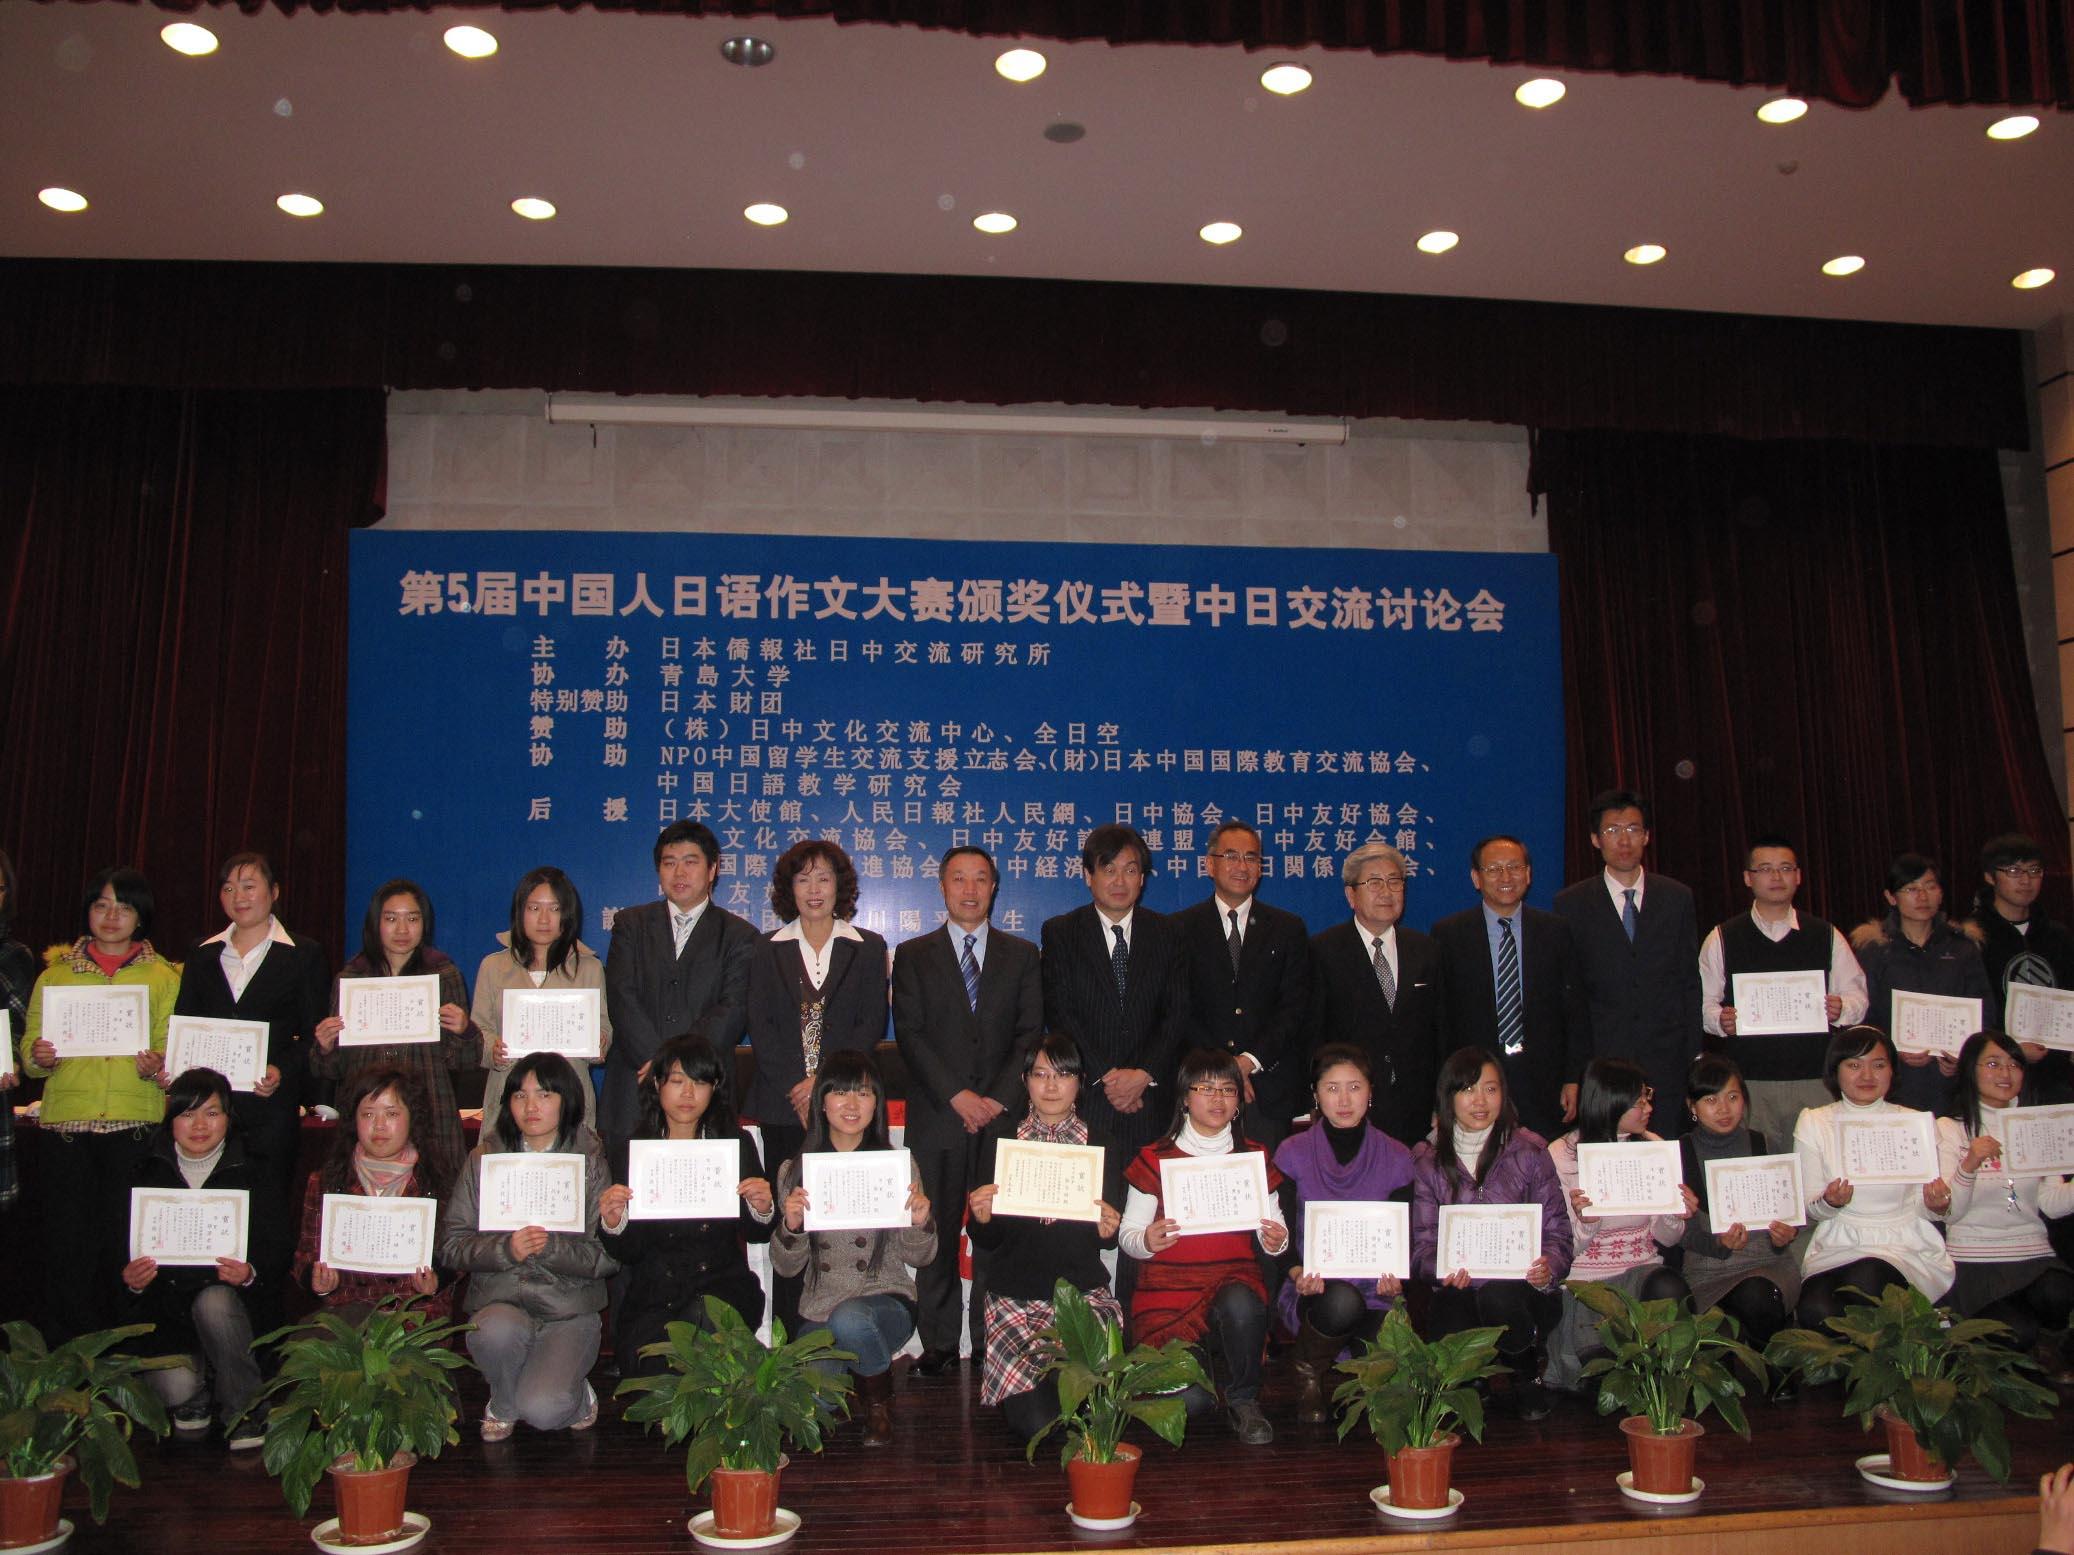 第五届中国人日语征文大赛颁奖典礼在青岛举行_d0027795_11205633.jpg